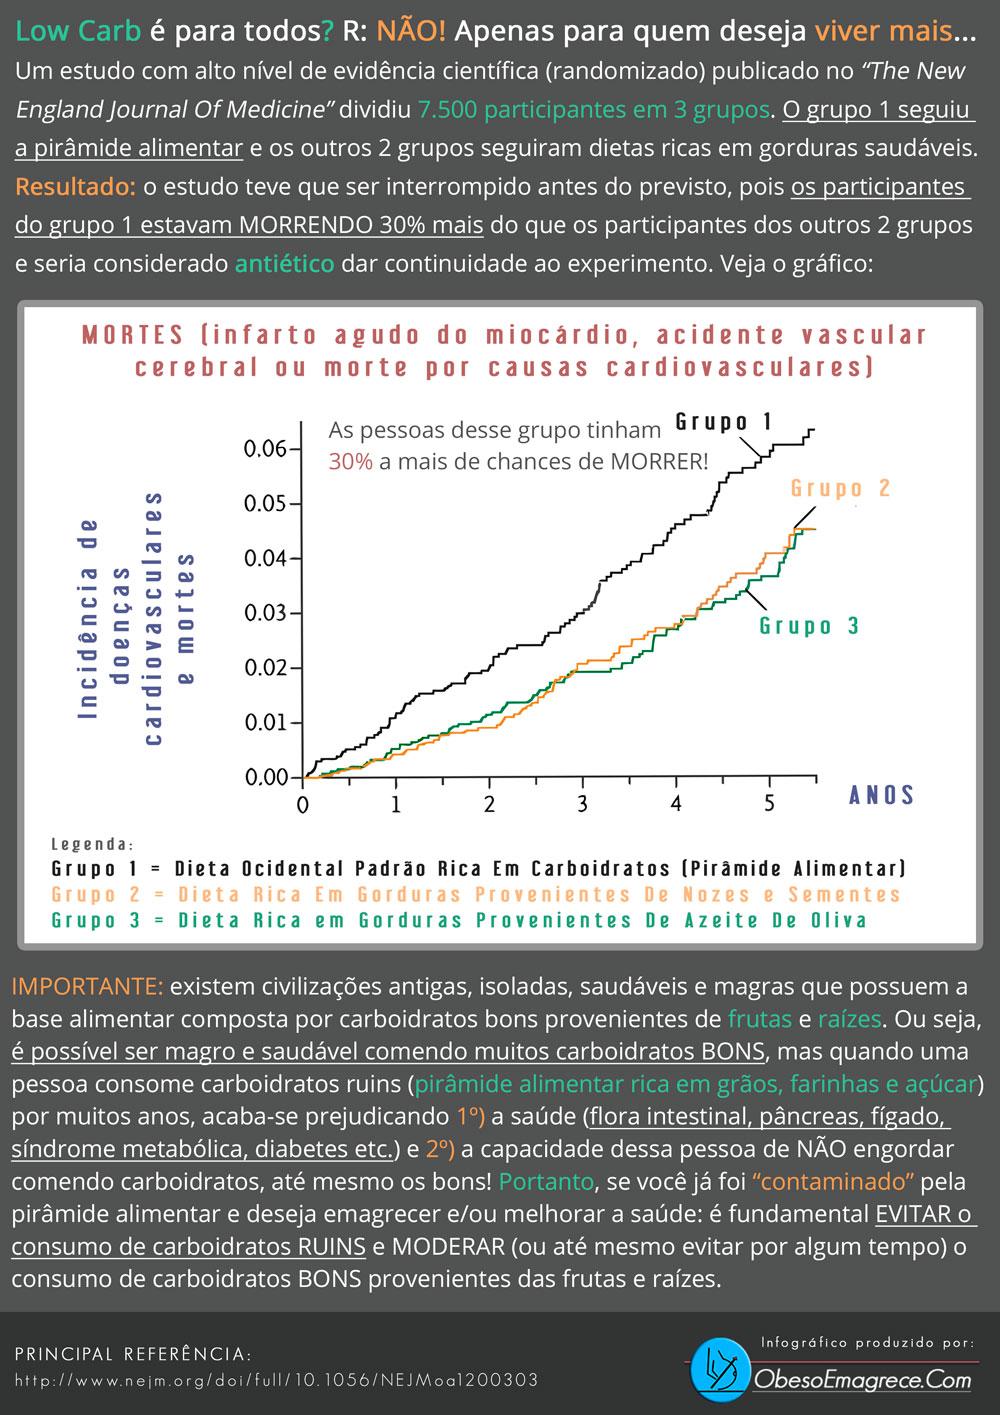 low carb é para todos? | infográfico demonstrando que pessoas que seguem a pirâmide alimentar morrem mais do que quem faz low carb